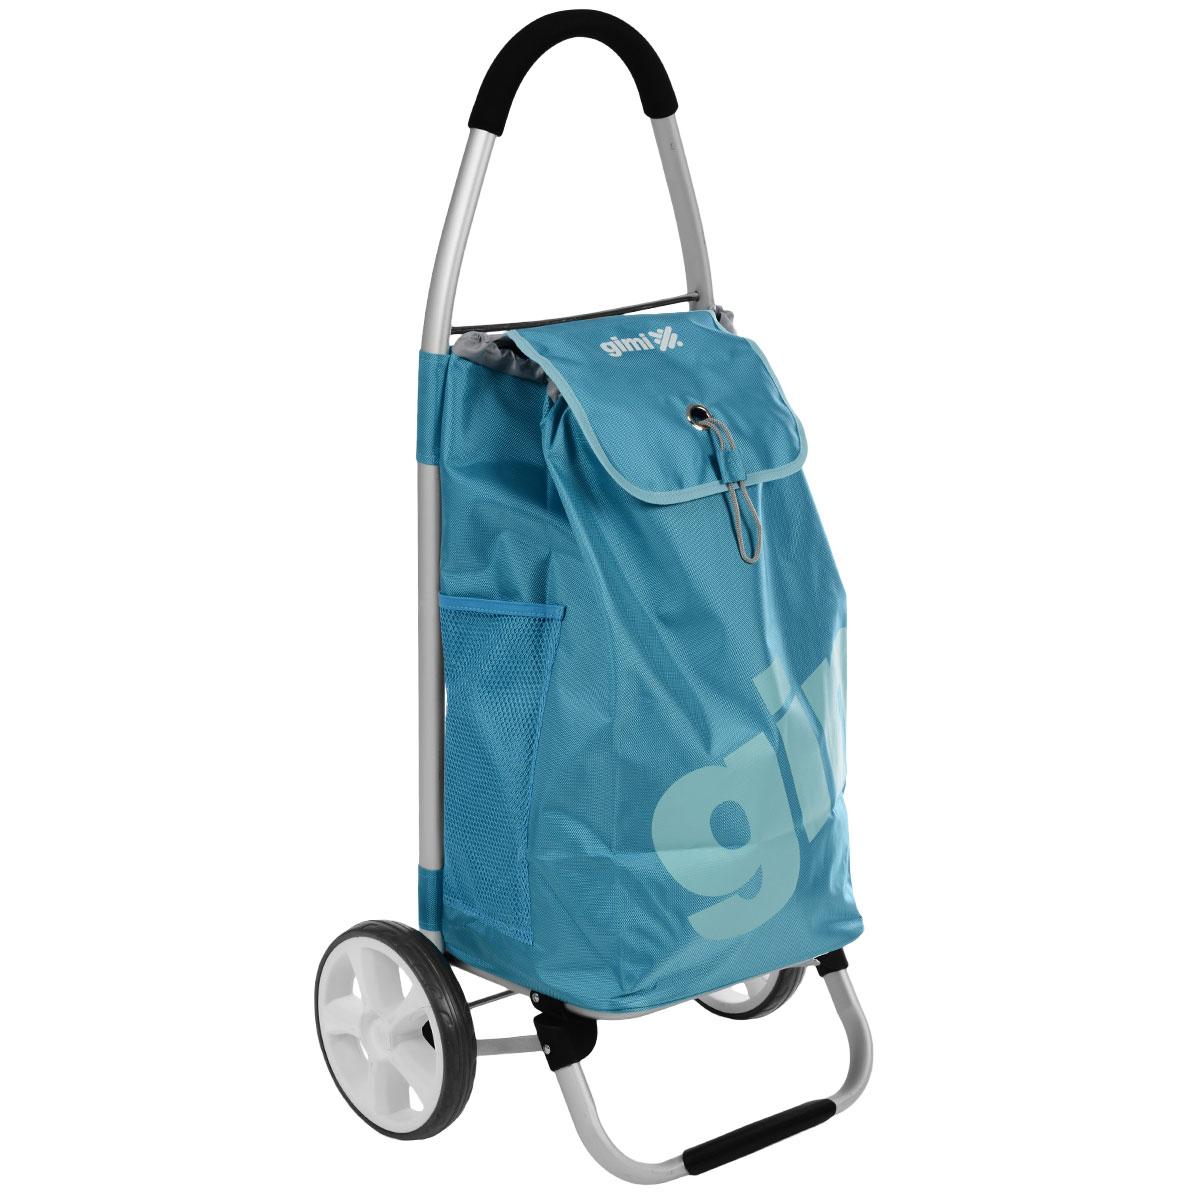 Сумка-тележка Gimi Galaxy, цвет: голубой150254500Сумка-тележка Gimi Galaxy это очень мощная сумка-тележка для самых непроходимых дорог и любой непогоды. Легкий каркас из алюминия с надежной подножкой и дополнительными перемычками на основании для повышенной прочности, тщательно изготовленные детали из высокопрочного полимера. Колеса облегченные, со скользящей втулкой для лучшего вращения. Покрытие колес изготовлено из севилена – износостойкого и морозоустойчивого материала. Широкая горловина сумки затягивается на кулиску и накрывается клапаном с оригинальной застежкой. Внутри сумки – вставное пластиковое дно для жесткости и придания формы, по бокам два глубоких кармана из сетки, сзади дополнительный карман на молнии. Максимальная грузоподъемность: 30 кг.